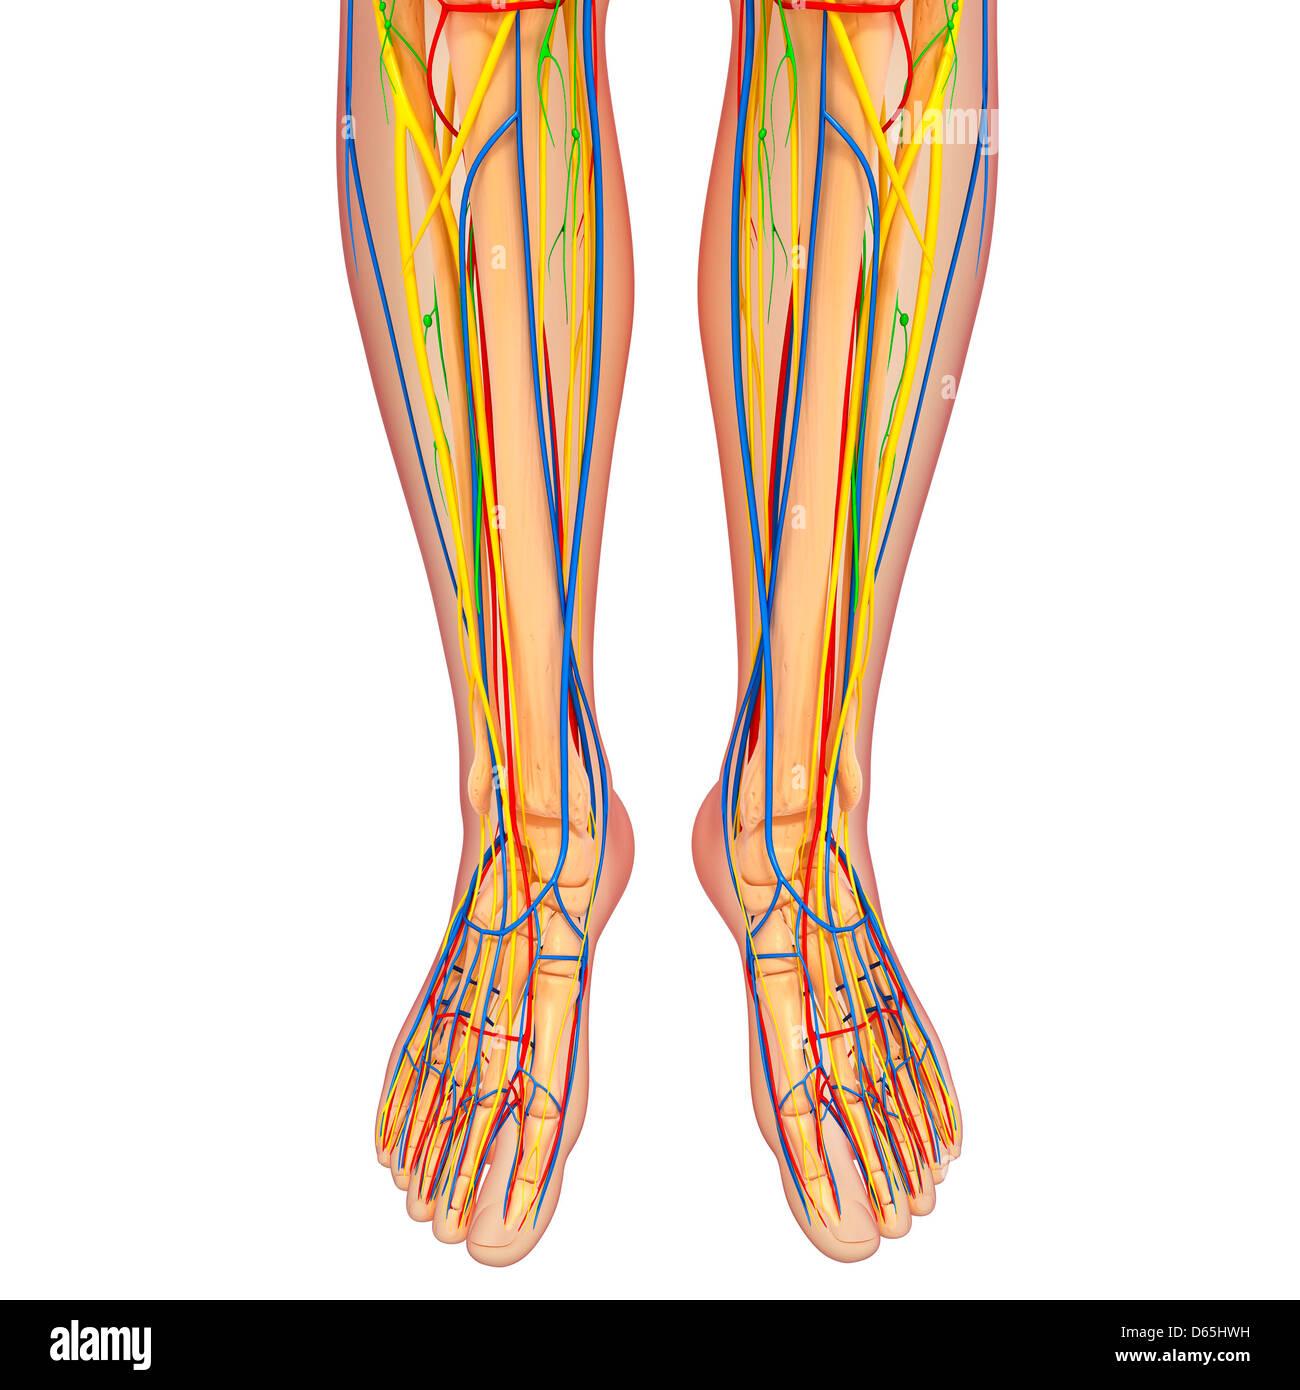 Lower Body Anatomy Artwork Stock Photo 55442845 Alamy